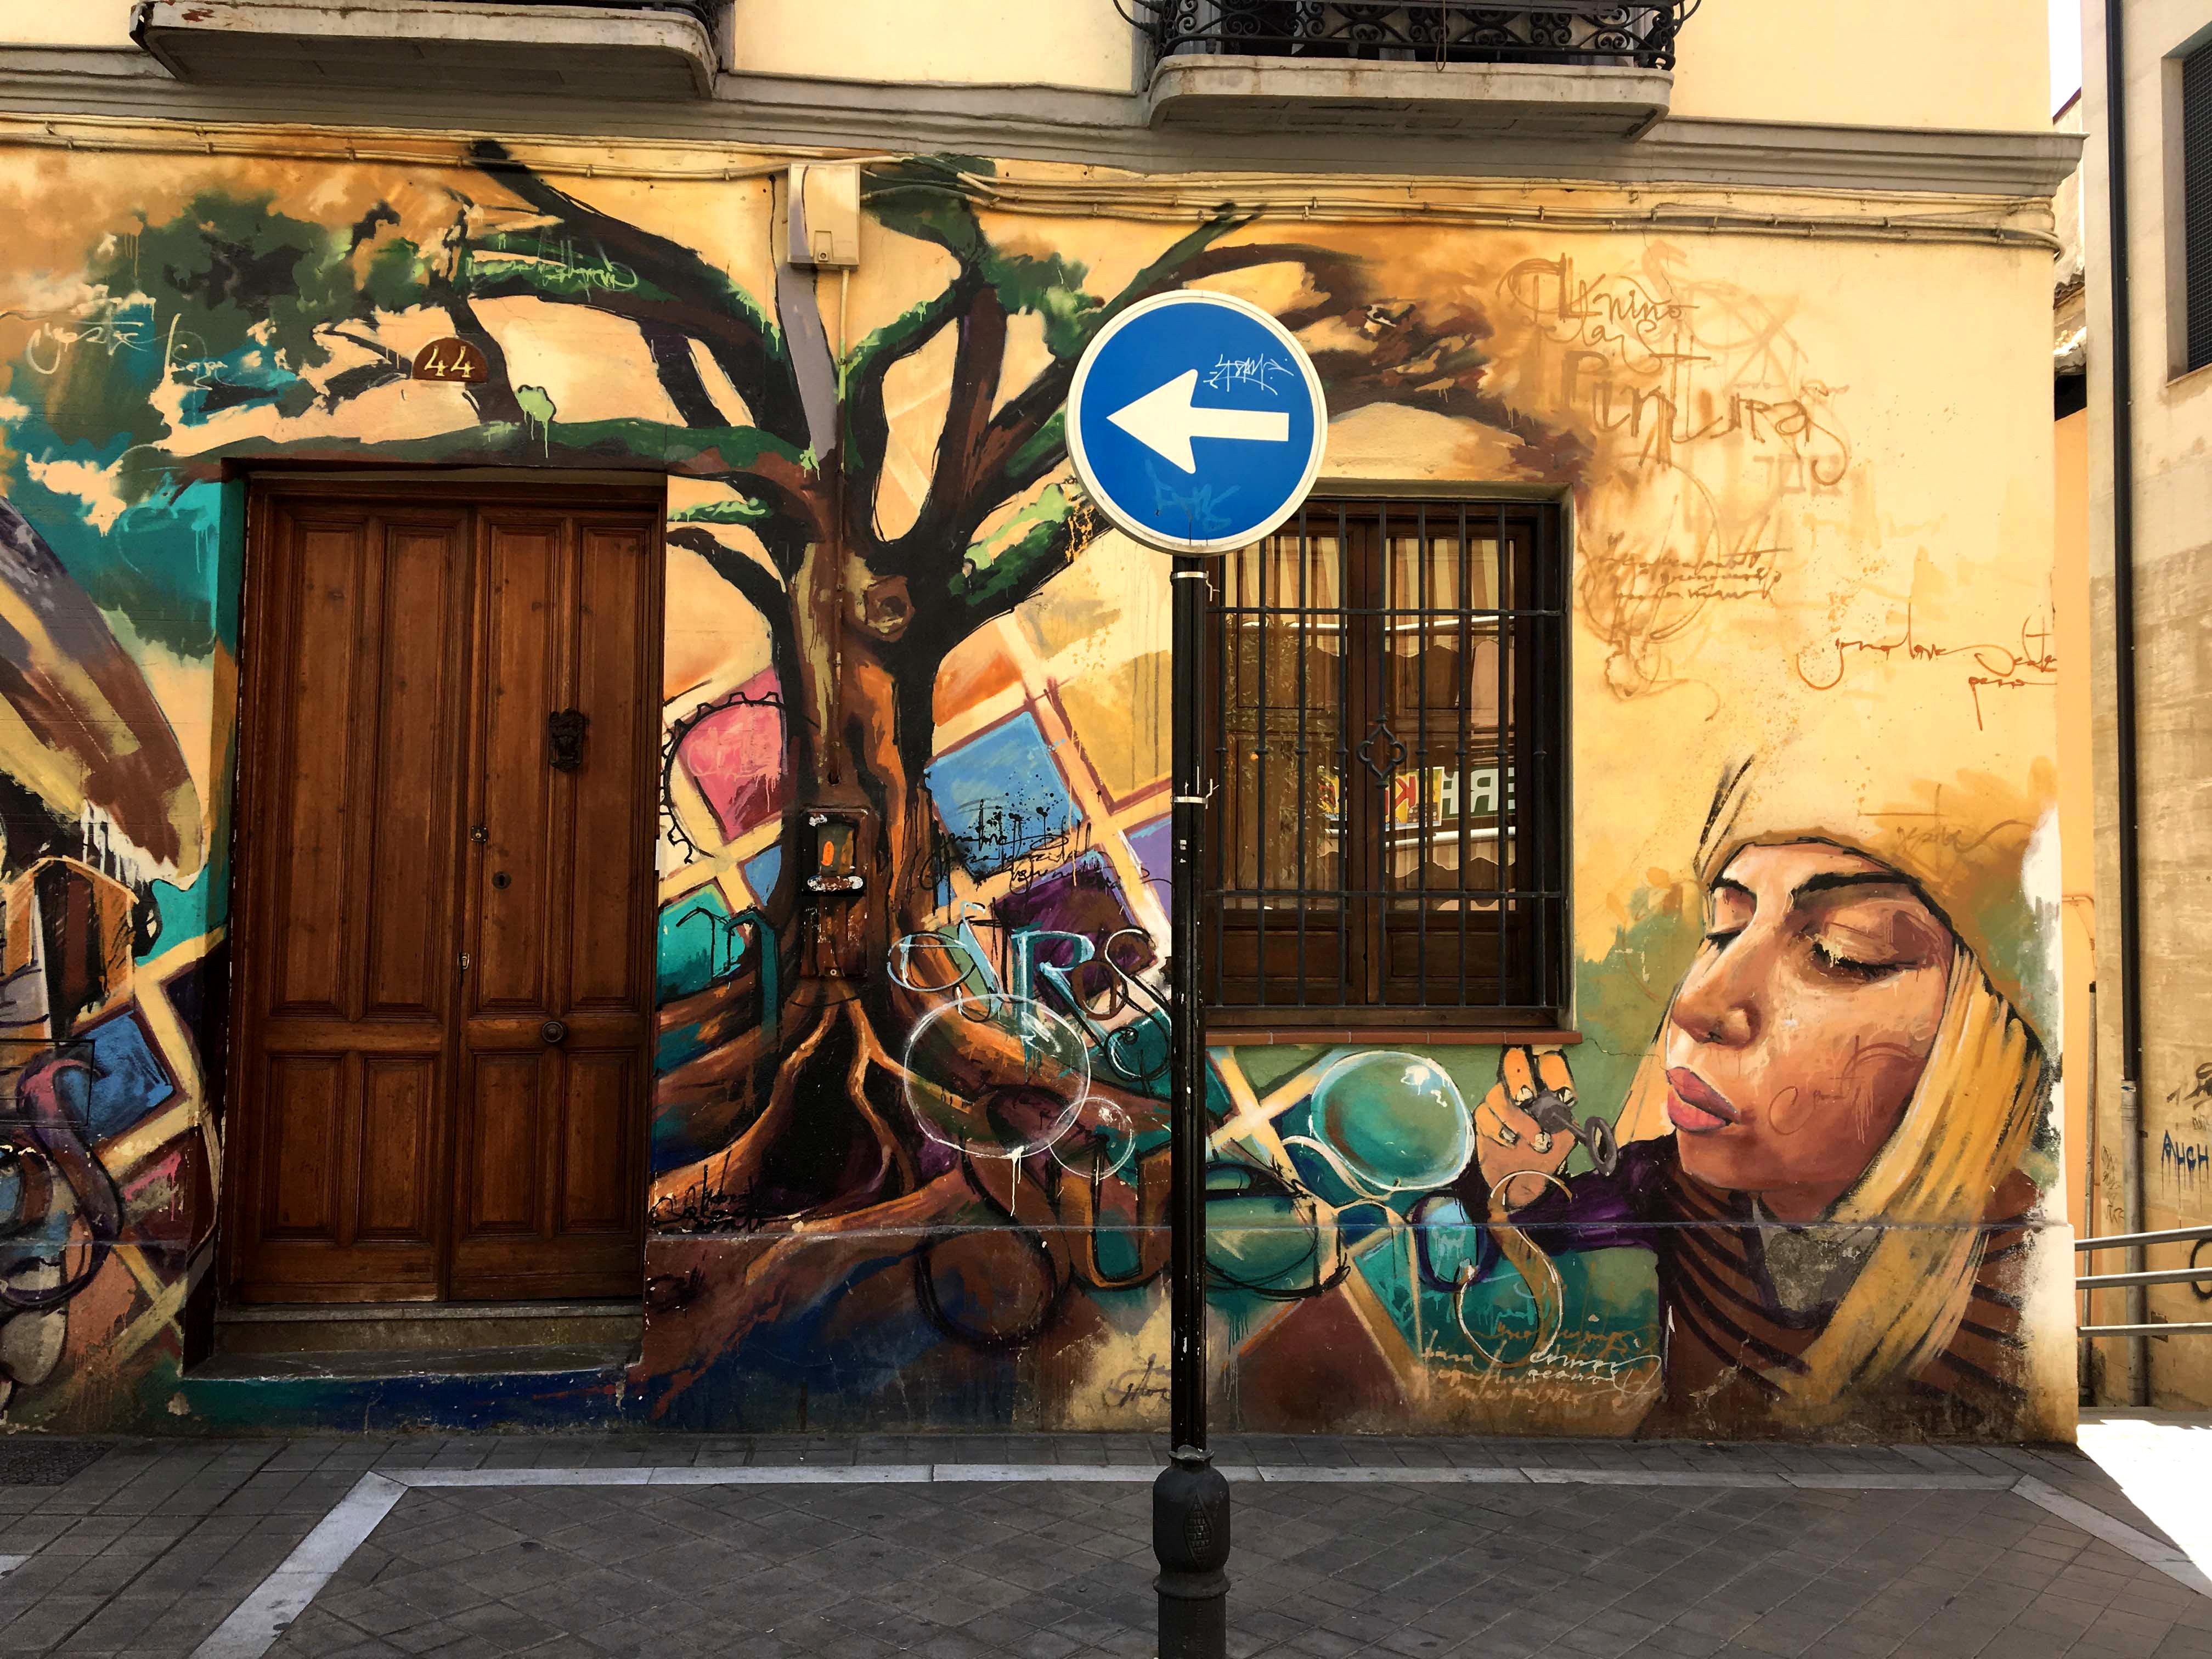 Ausschnitt aus einem Mural von El Niño de las Pinturas dass eine junge Frau mit Seifenblasen zeigt